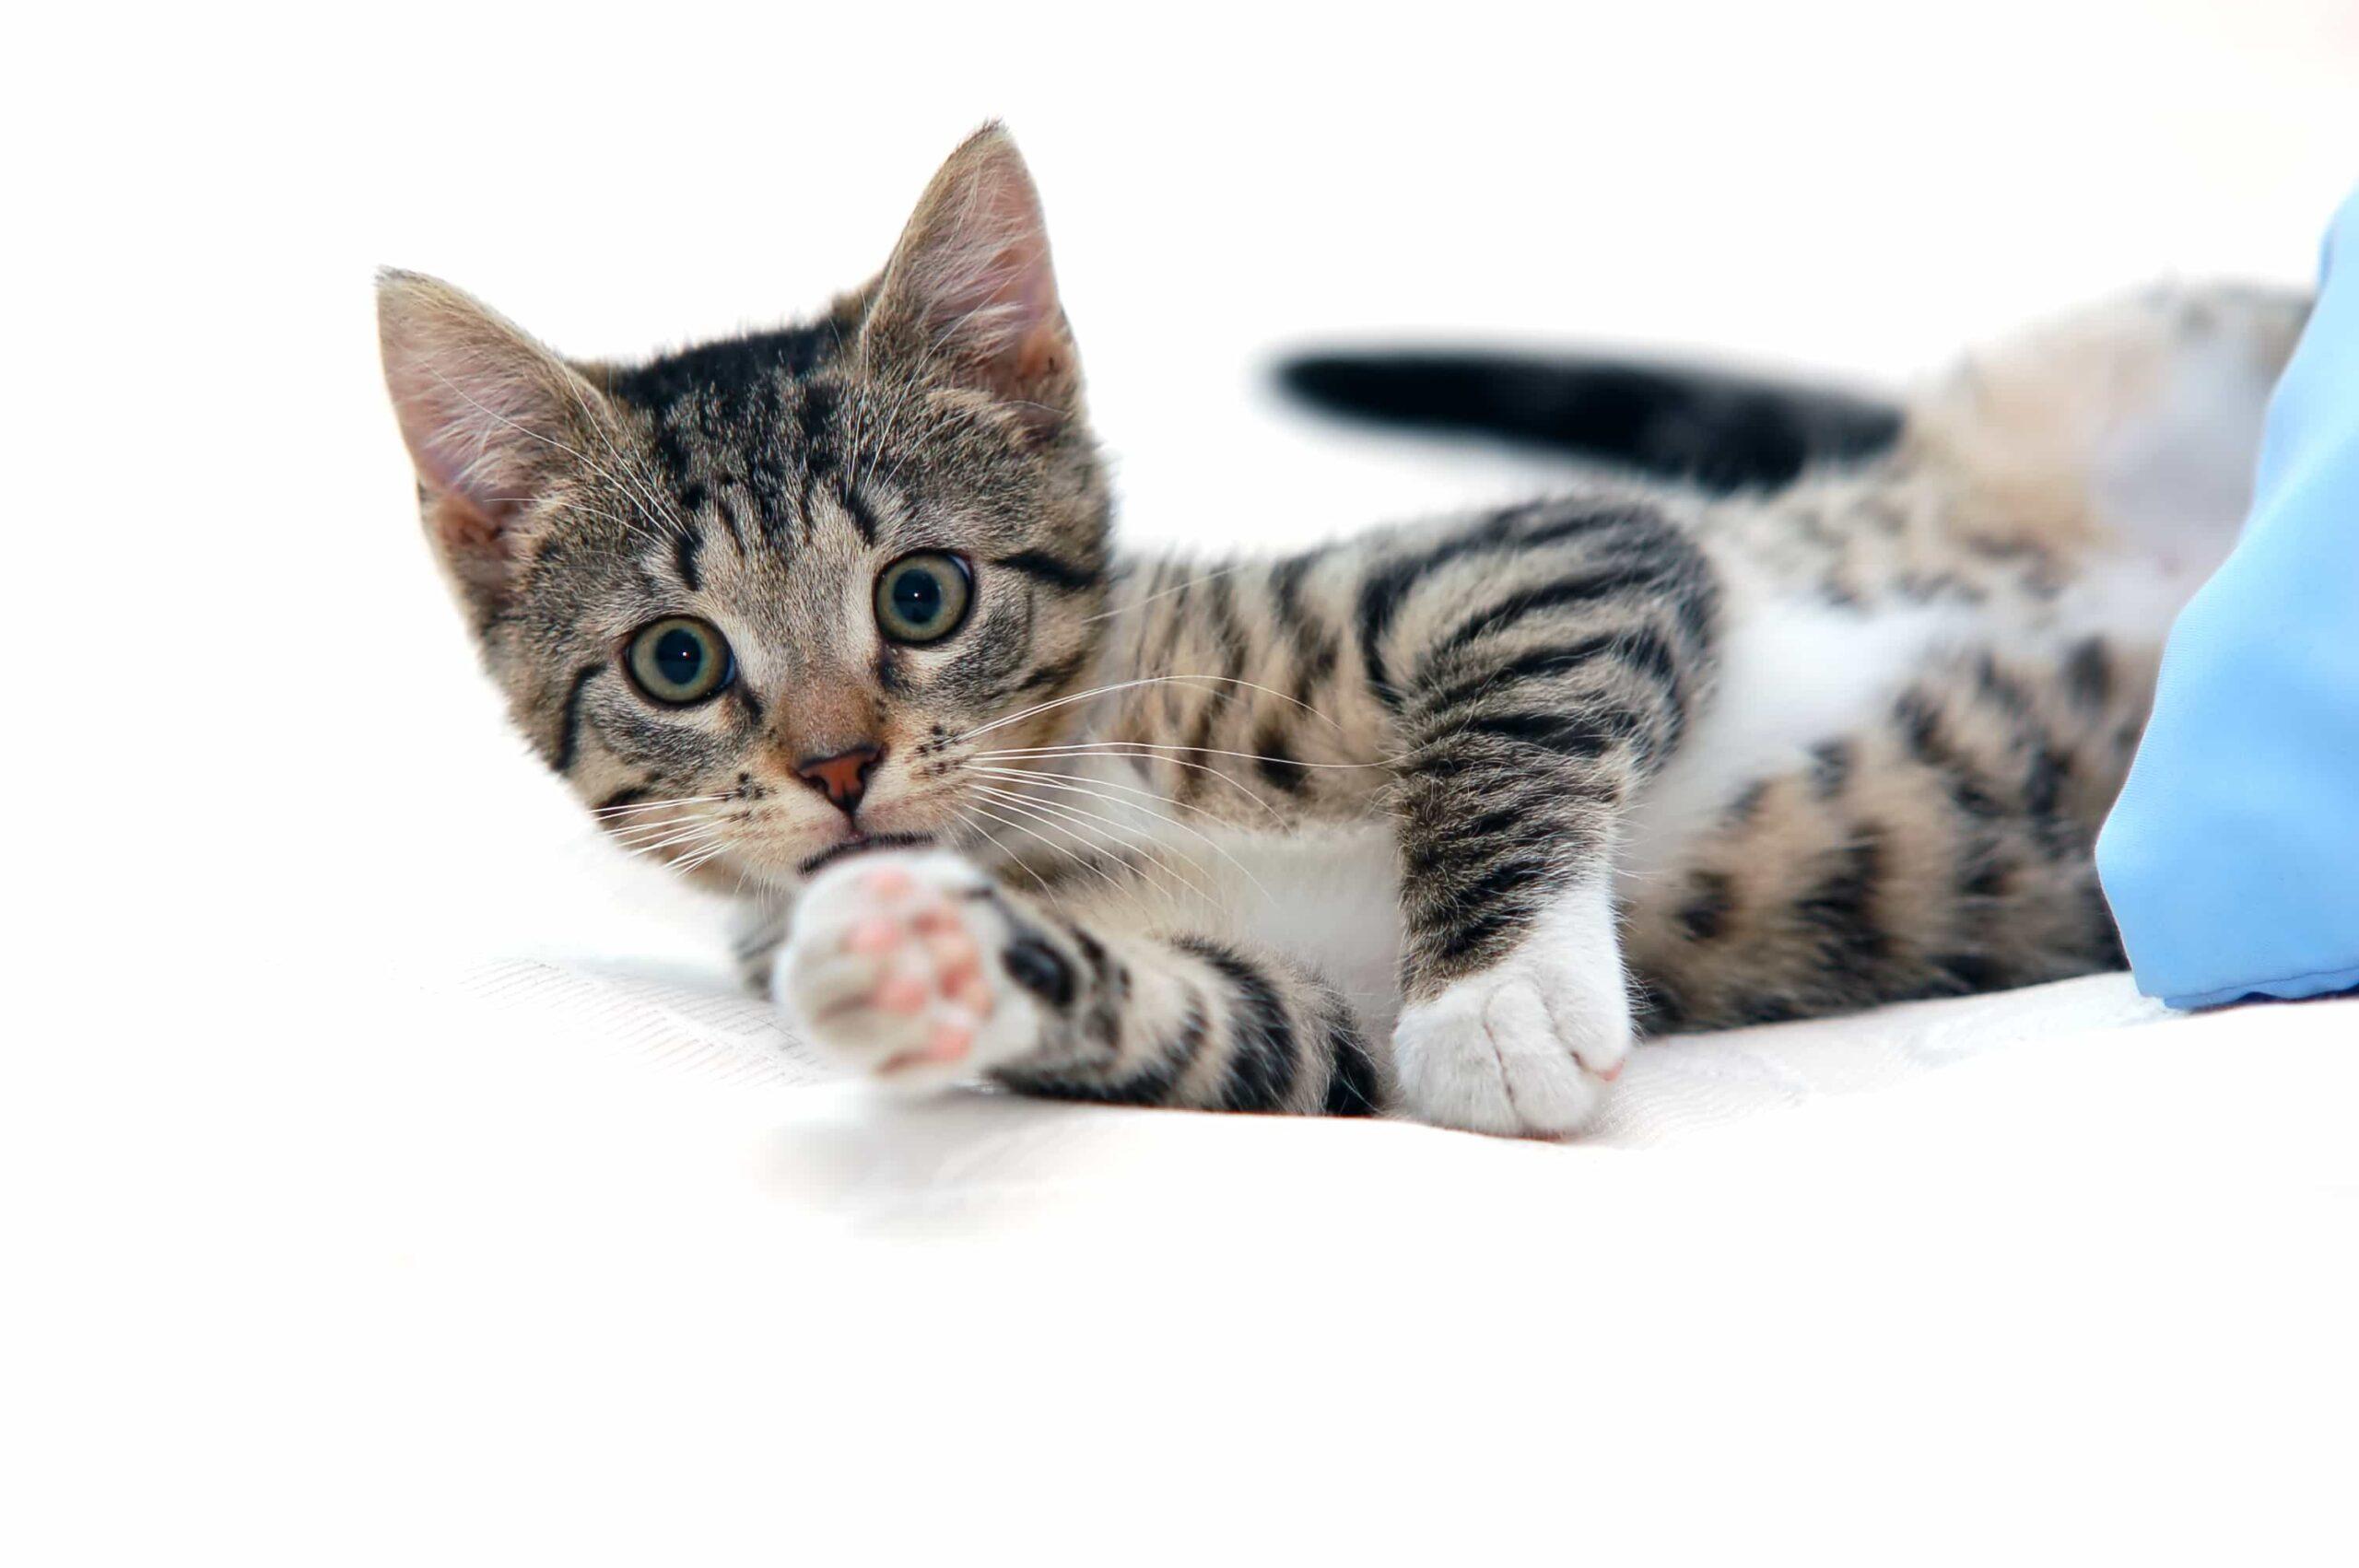 Kedim Sürekli Kaşınıyor, Çözümü Nedir?